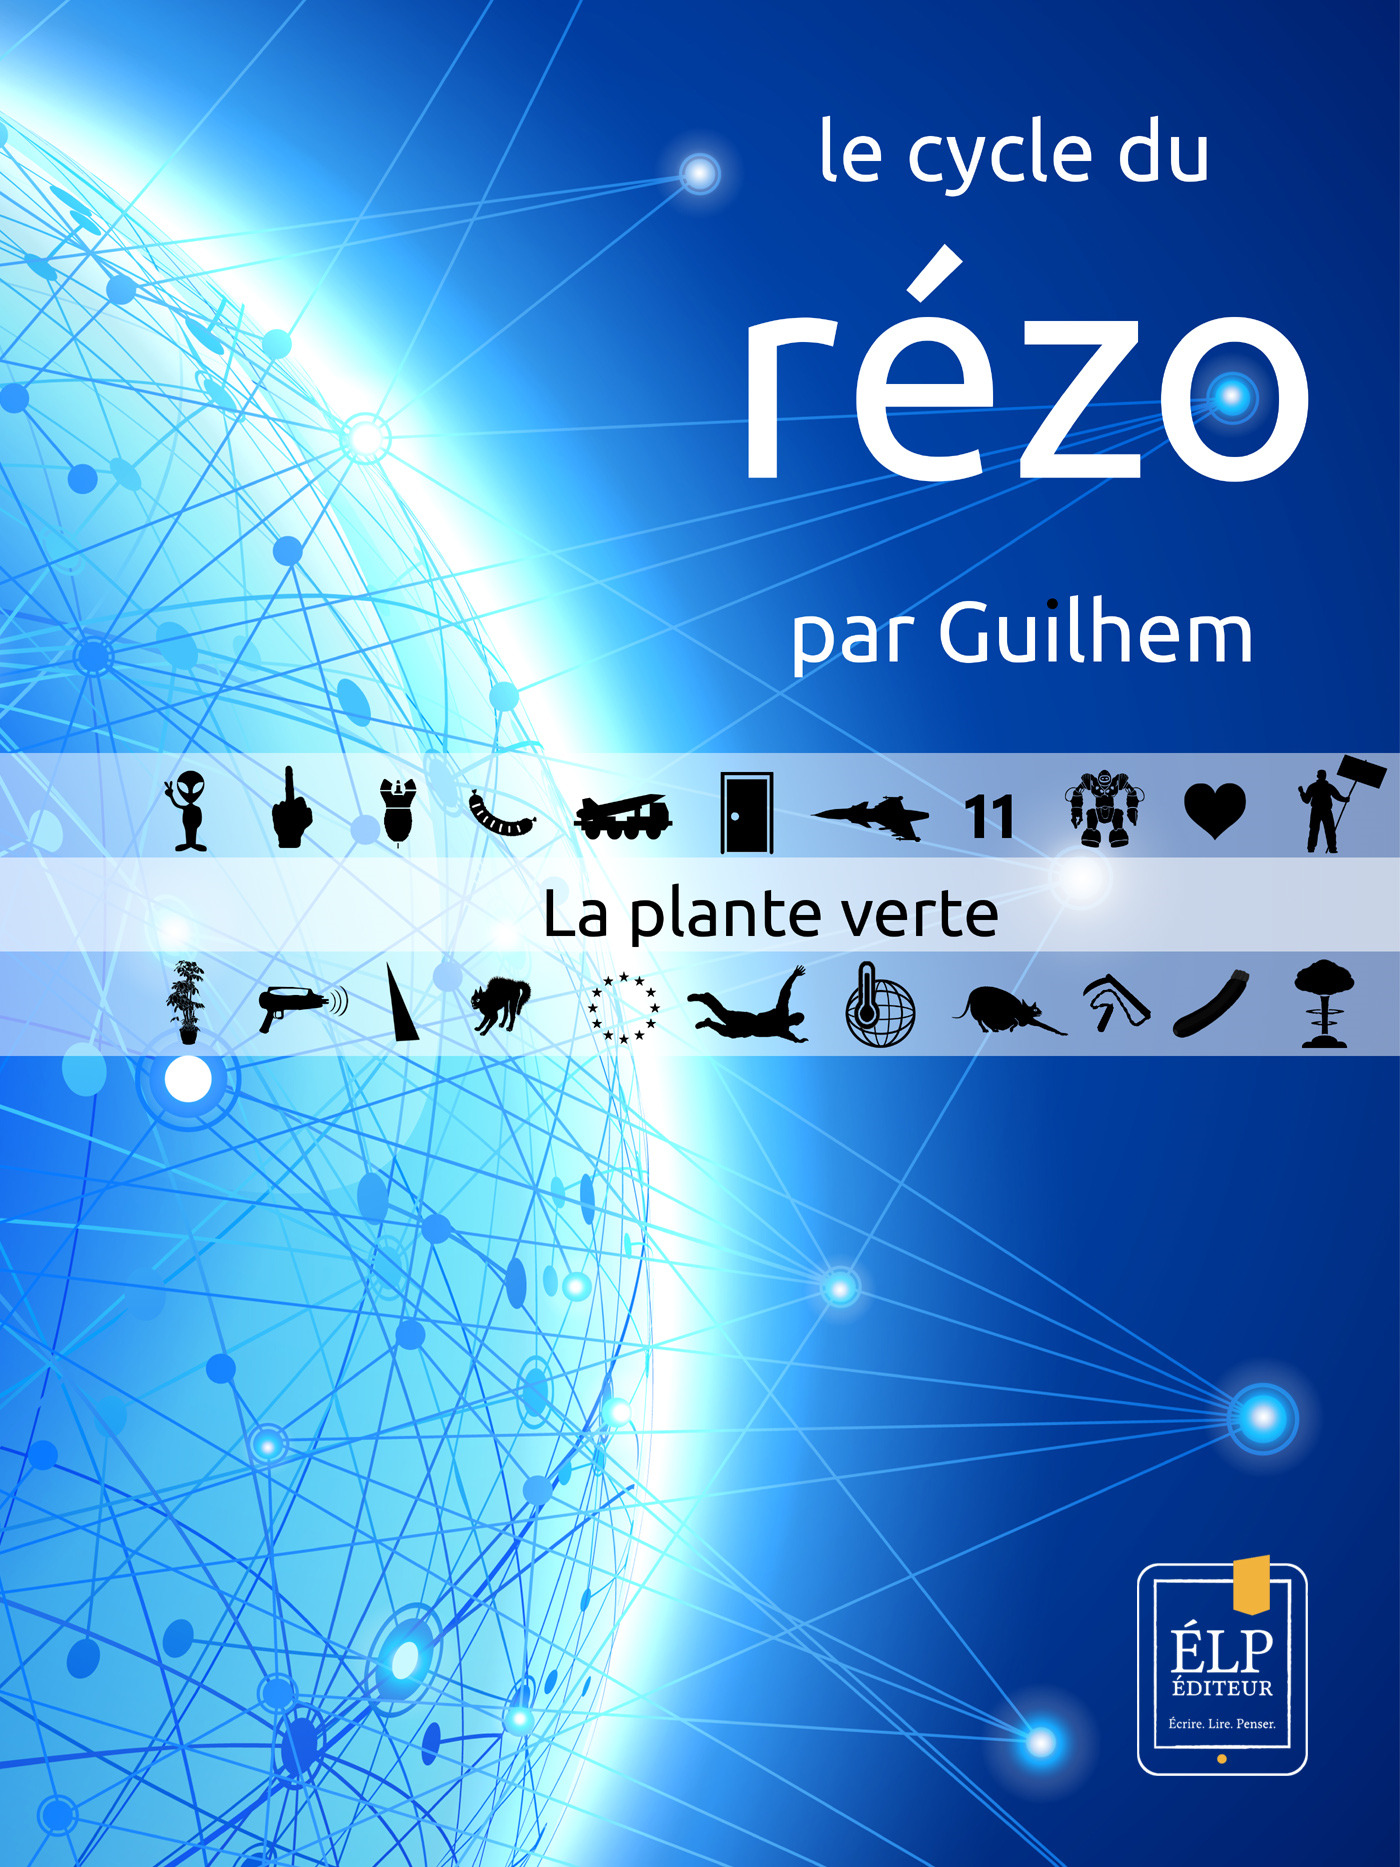 Le cycle du r zo la plante verte guilhem les 7 du quebec for La plante verte